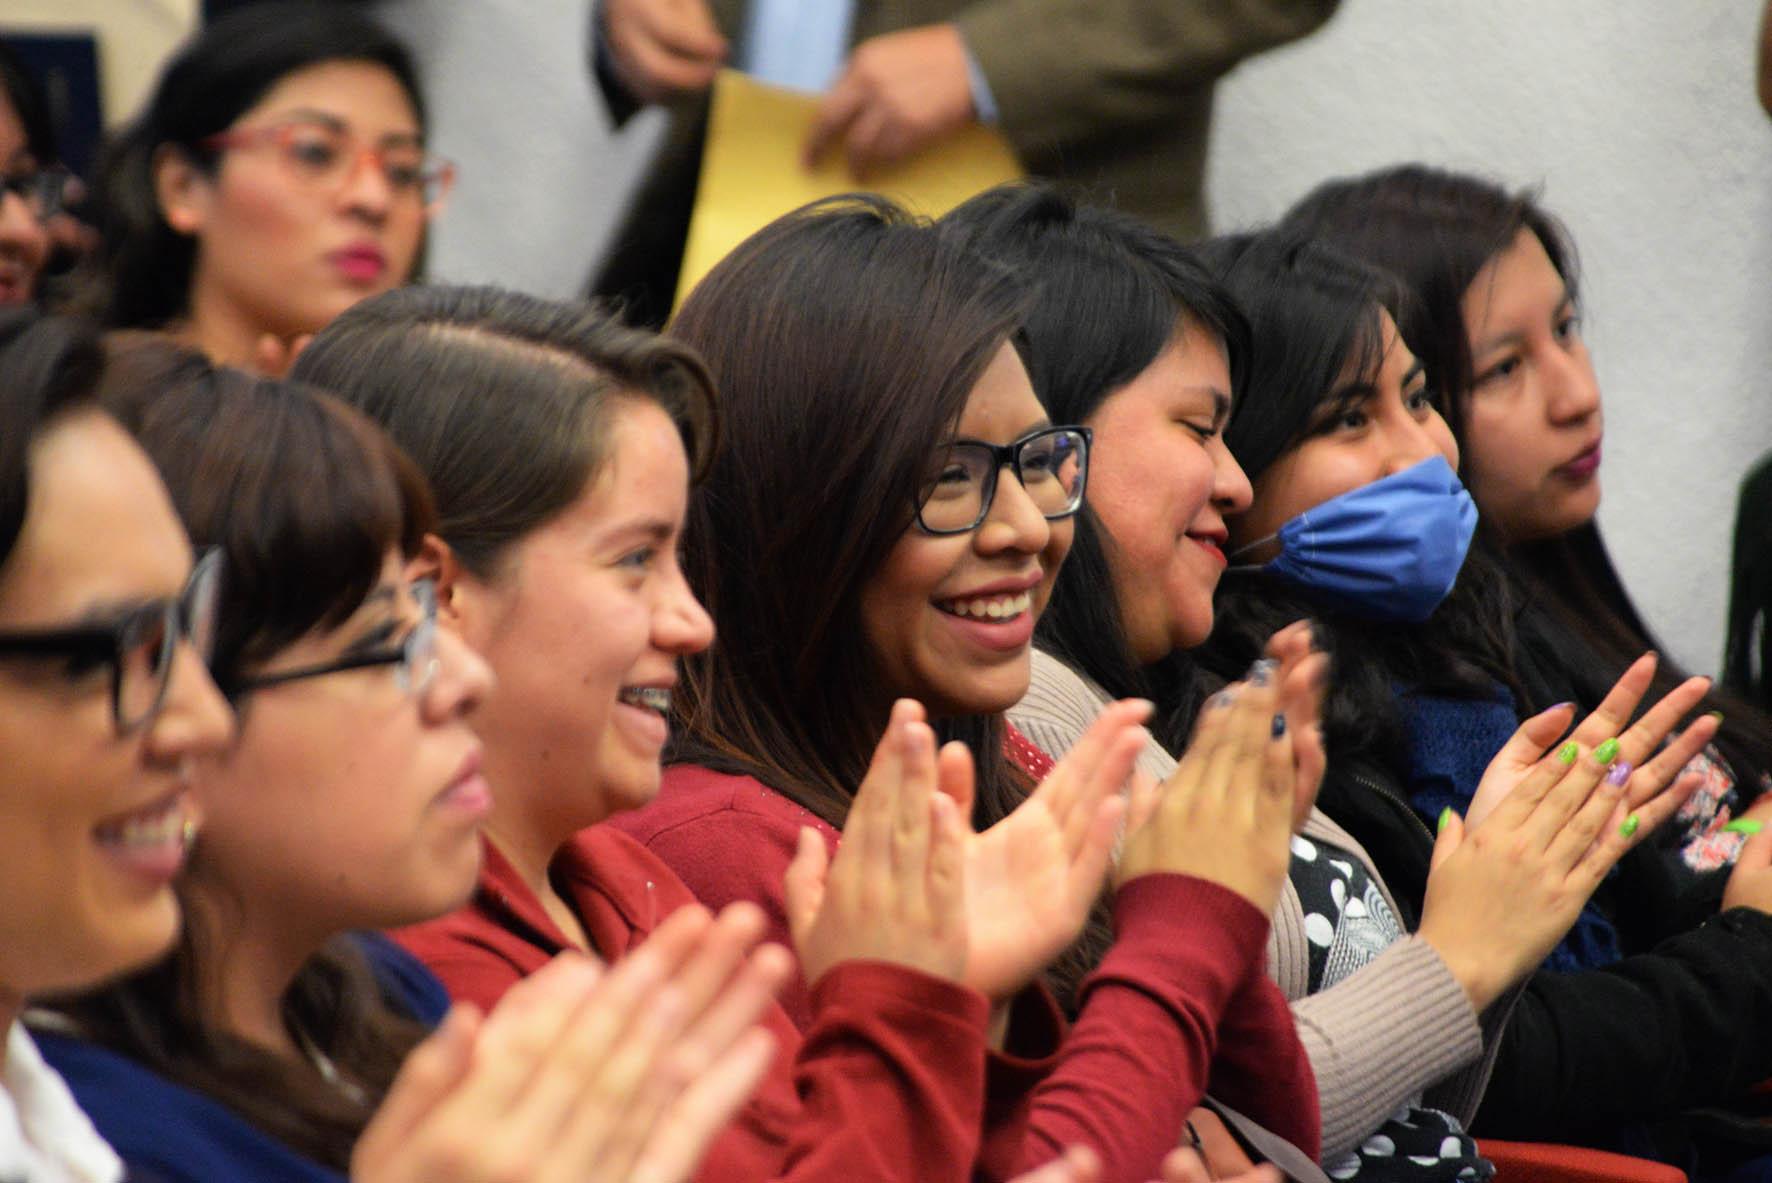 EMPRENDERÁN 75 ALUMNOS DE LA UNAM MOVILIDAD ACADÉMICA EN 16 UNIVERSIDADES DEL PAÍS